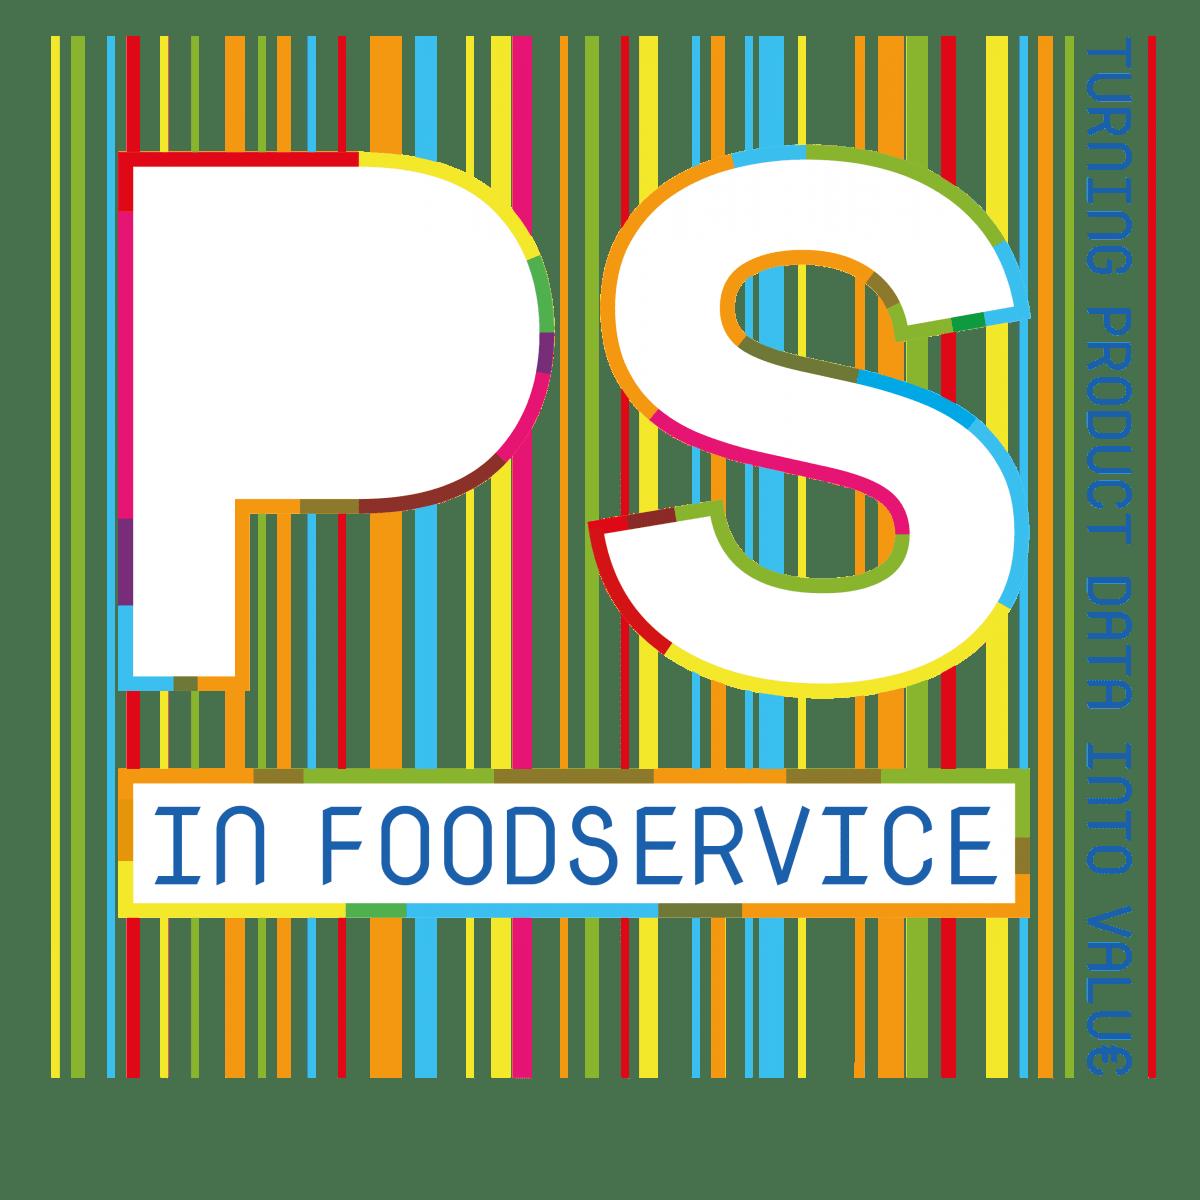 logo ps in foodservice met slogan